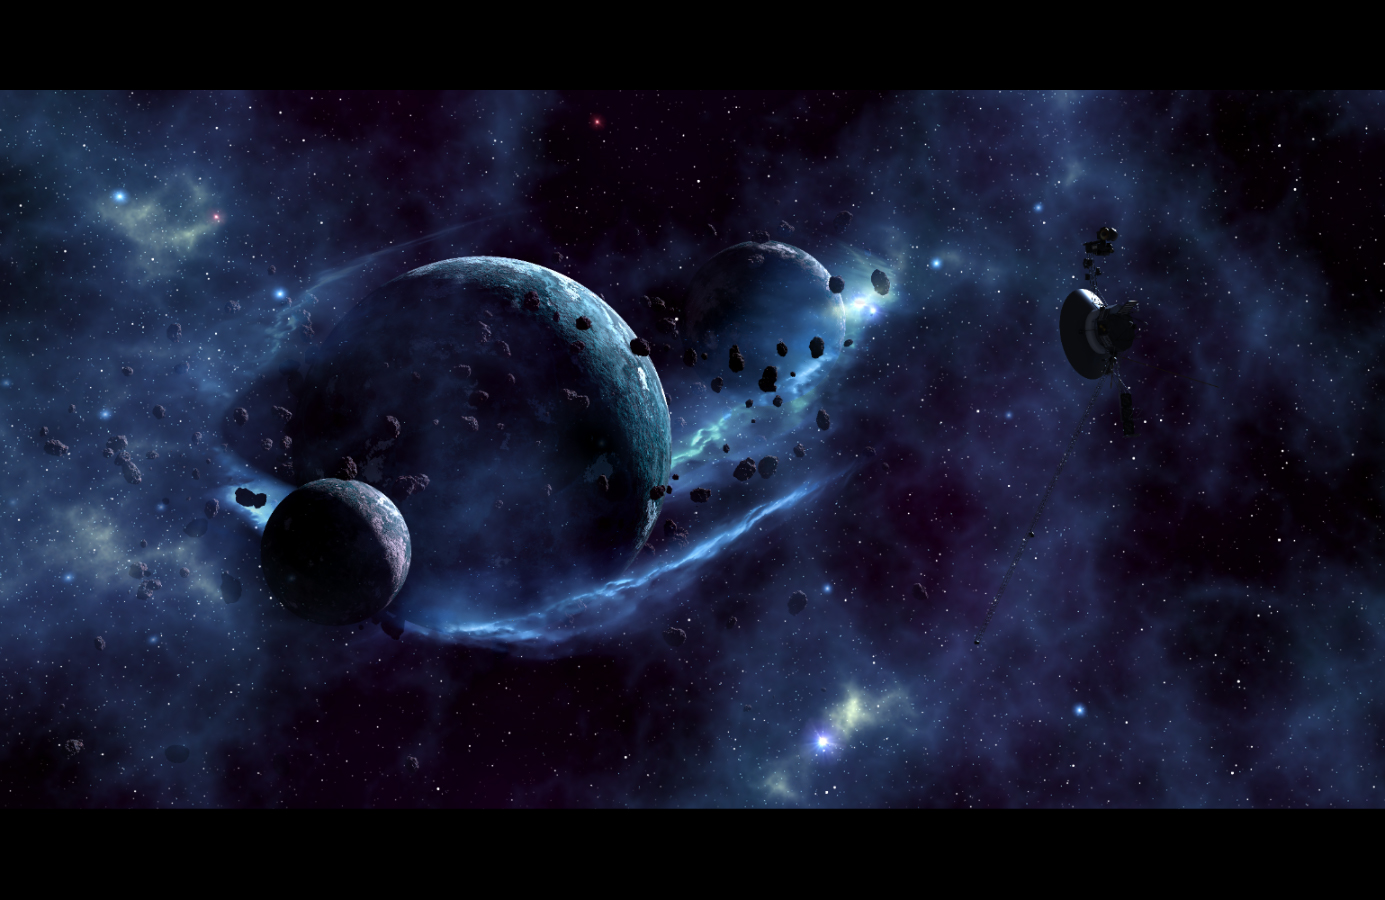 ...distant worlds...